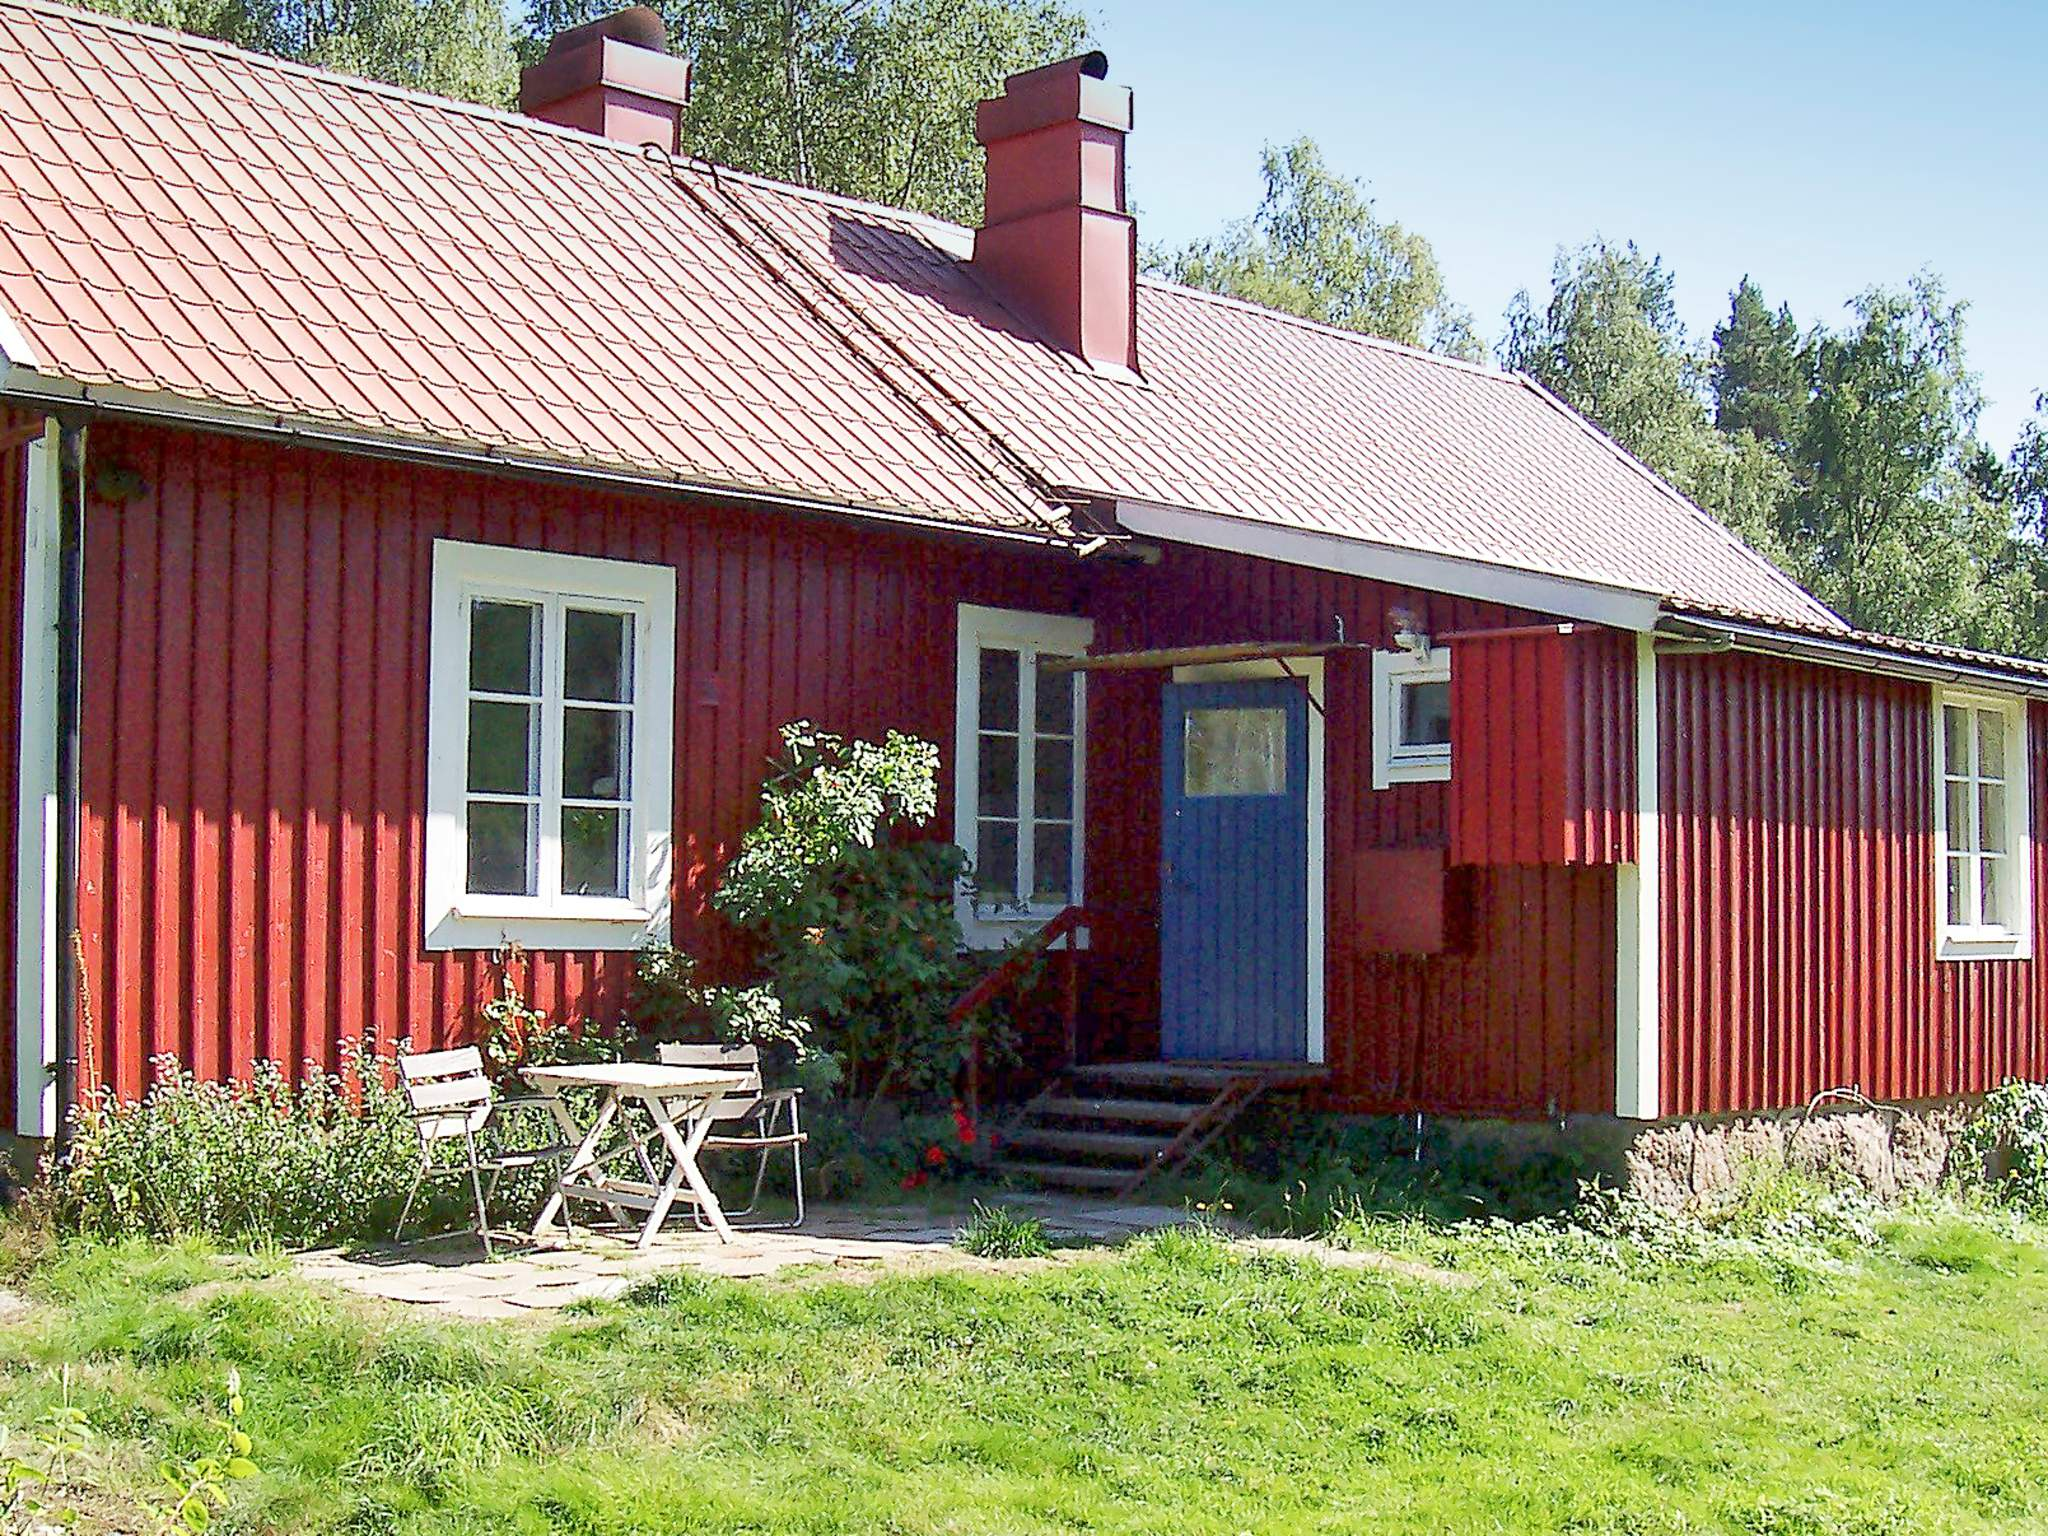 Ferienhaus Tving (135628), Tving, Blekinge län, Südschweden, Schweden, Bild 21